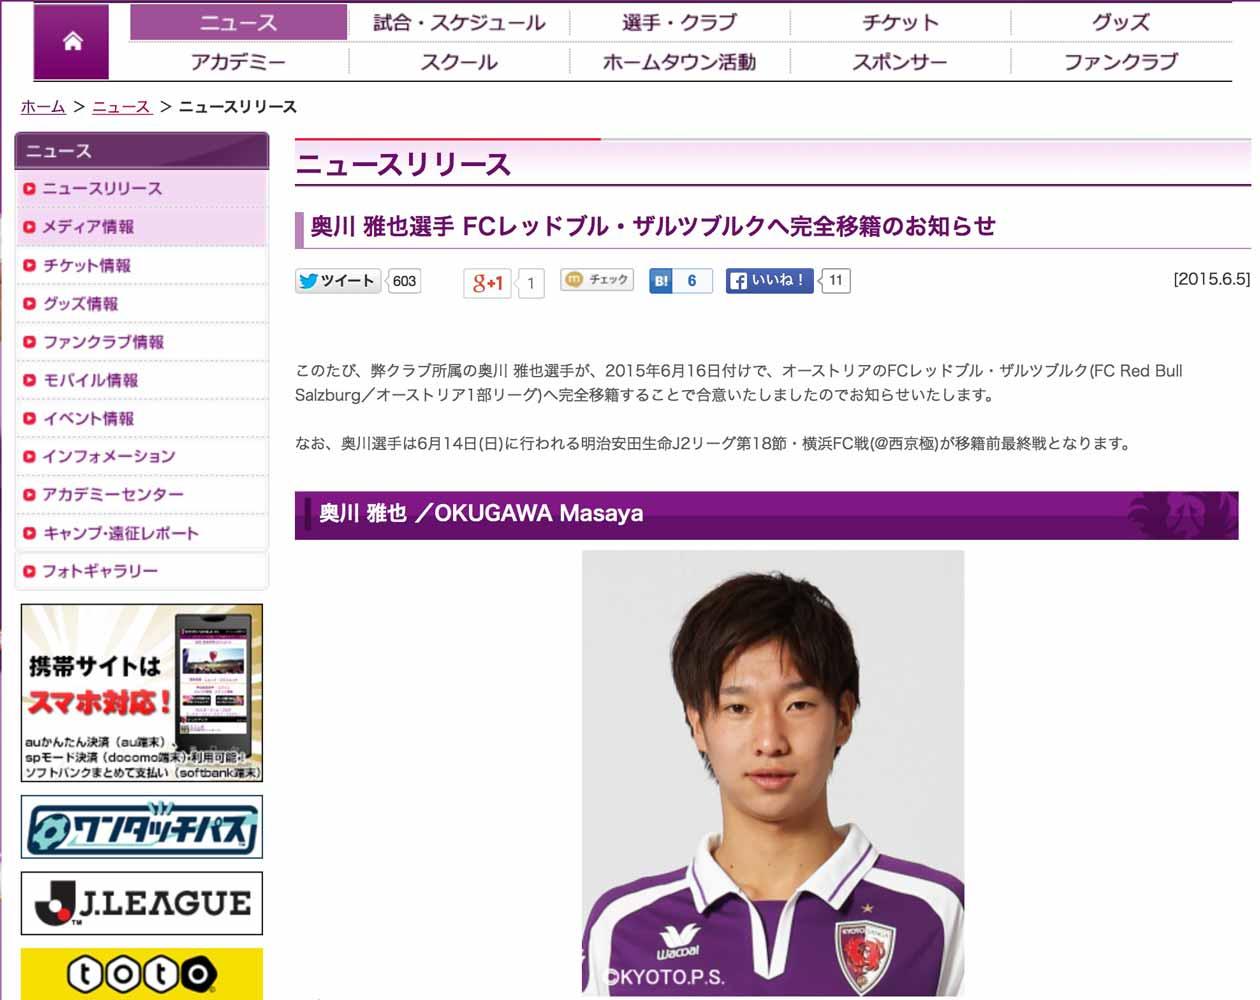 京都サンガ、奥川雅也のFCレッドブル・ザルツブルクへ完全移籍を発表